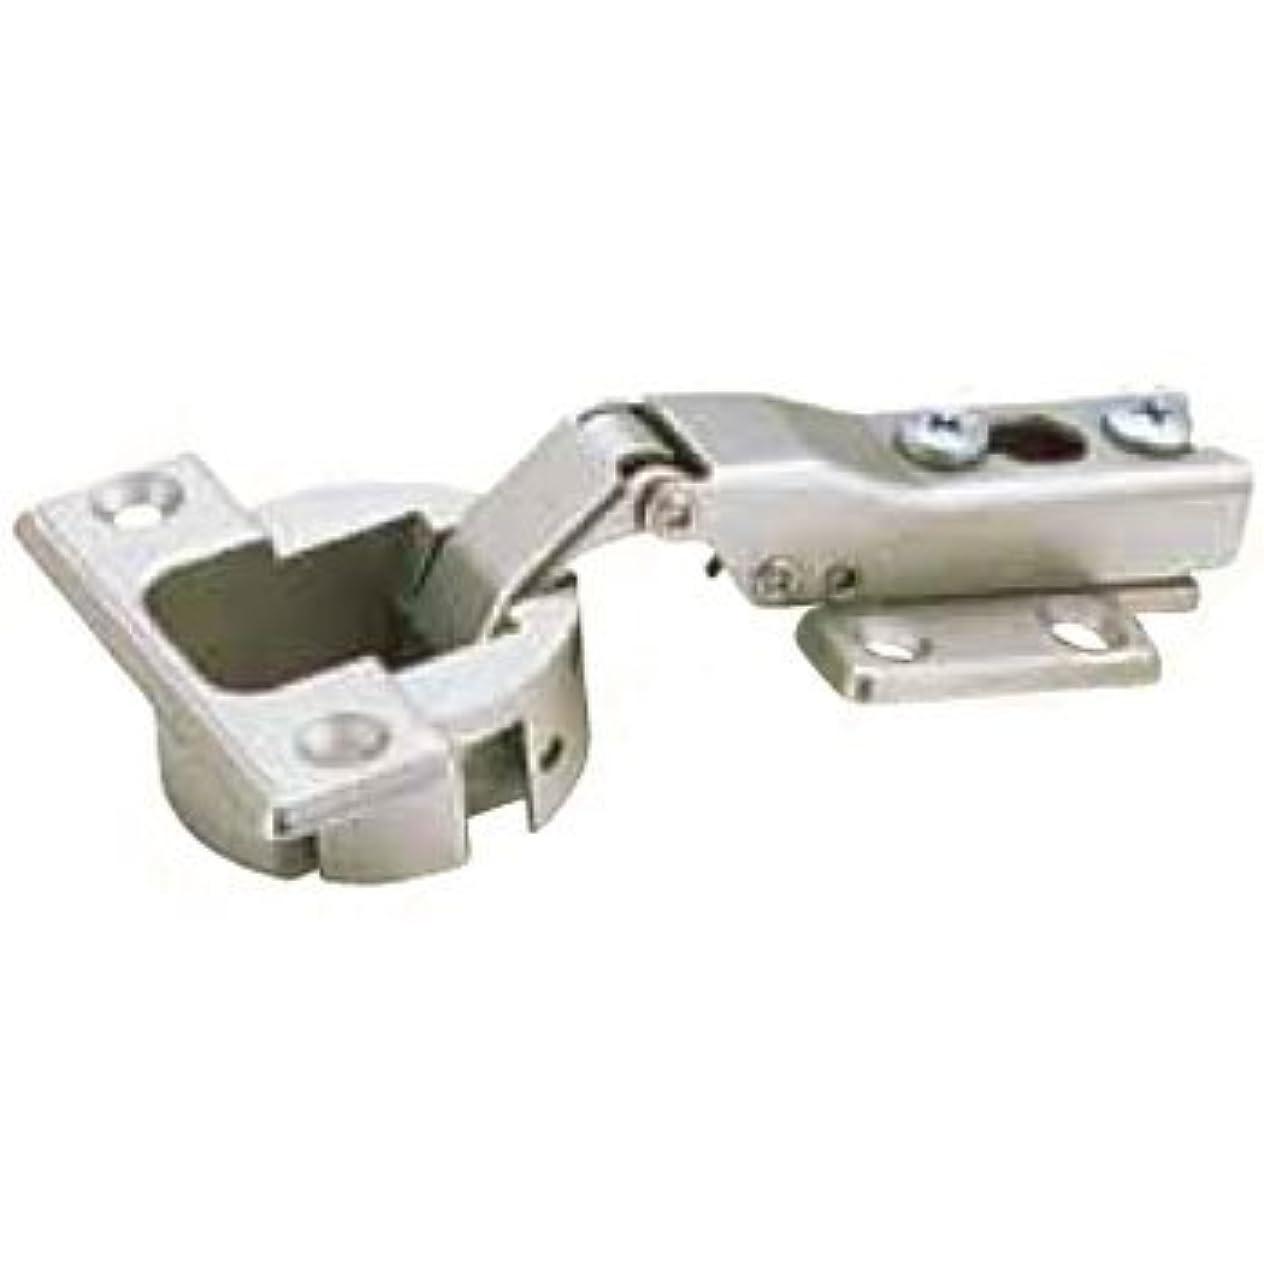 面倒正当化するクルーズアイワ金属 アトム スライド丁番 40mm 全かぶせ キャッチ付(1箱?3個価格) AP-1041N